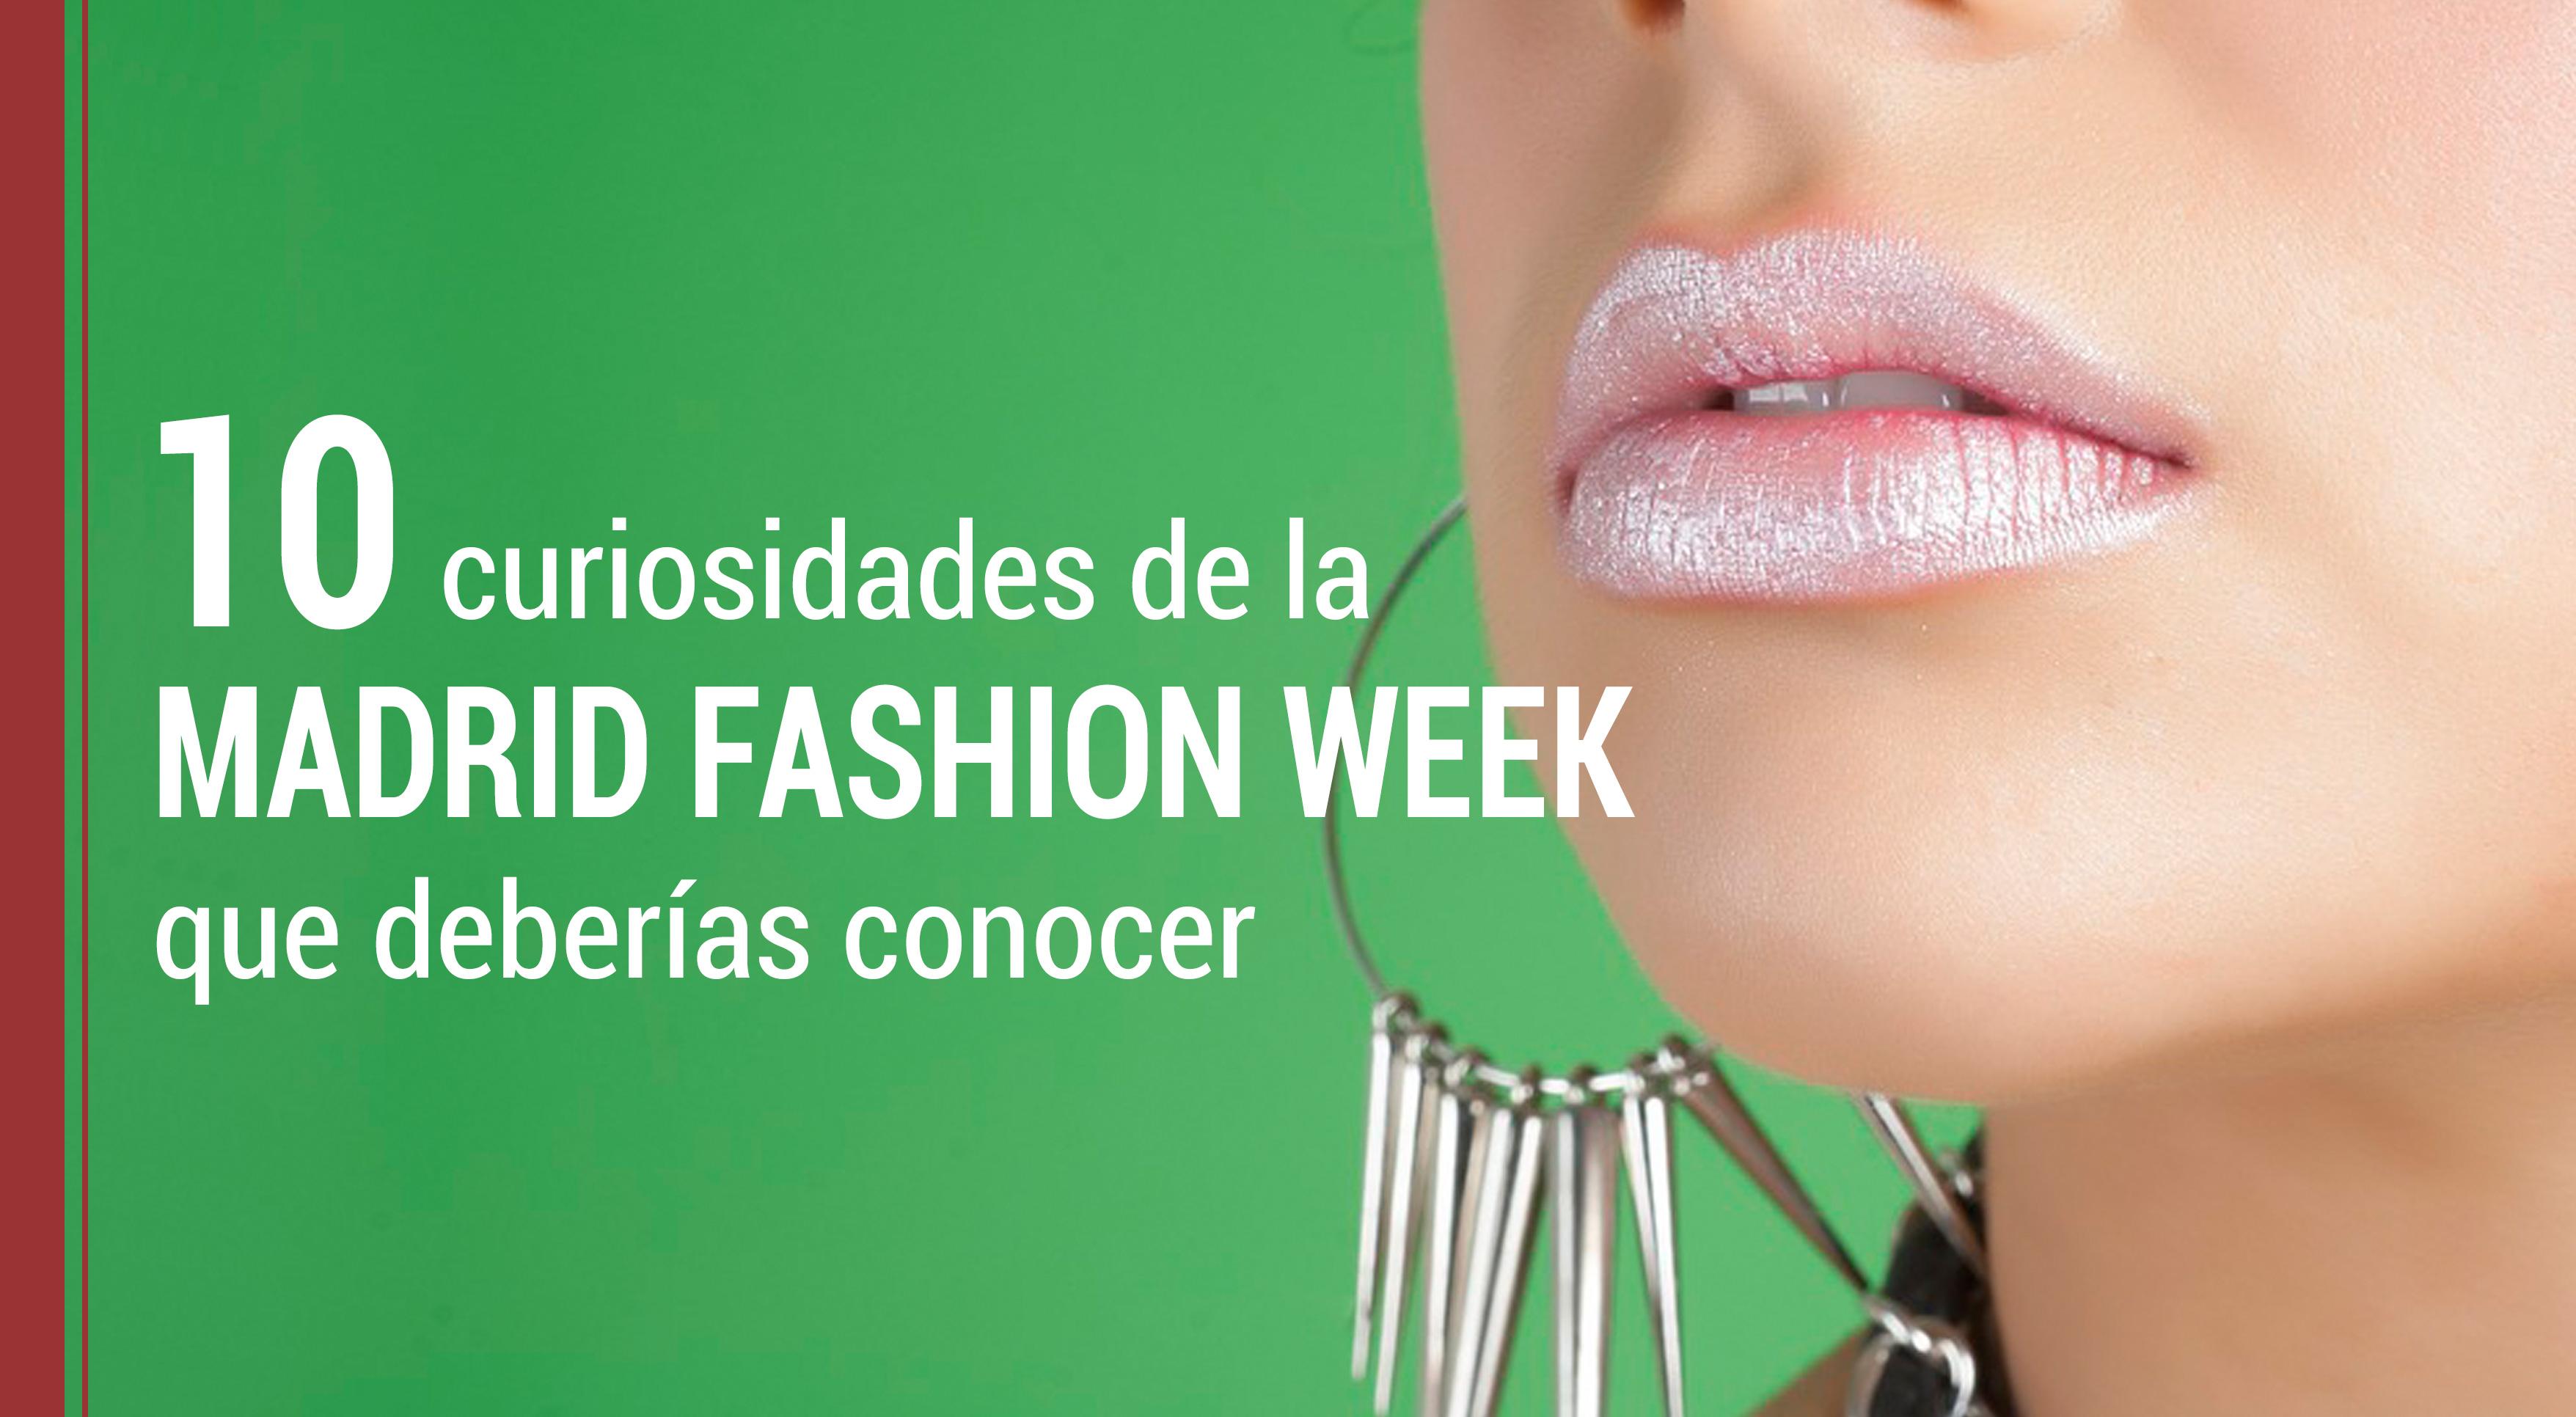 10-curiosidades-madrid-fashion-week 10 curiosidades y novedades de la Madrid Fashion Week que deberías conocer